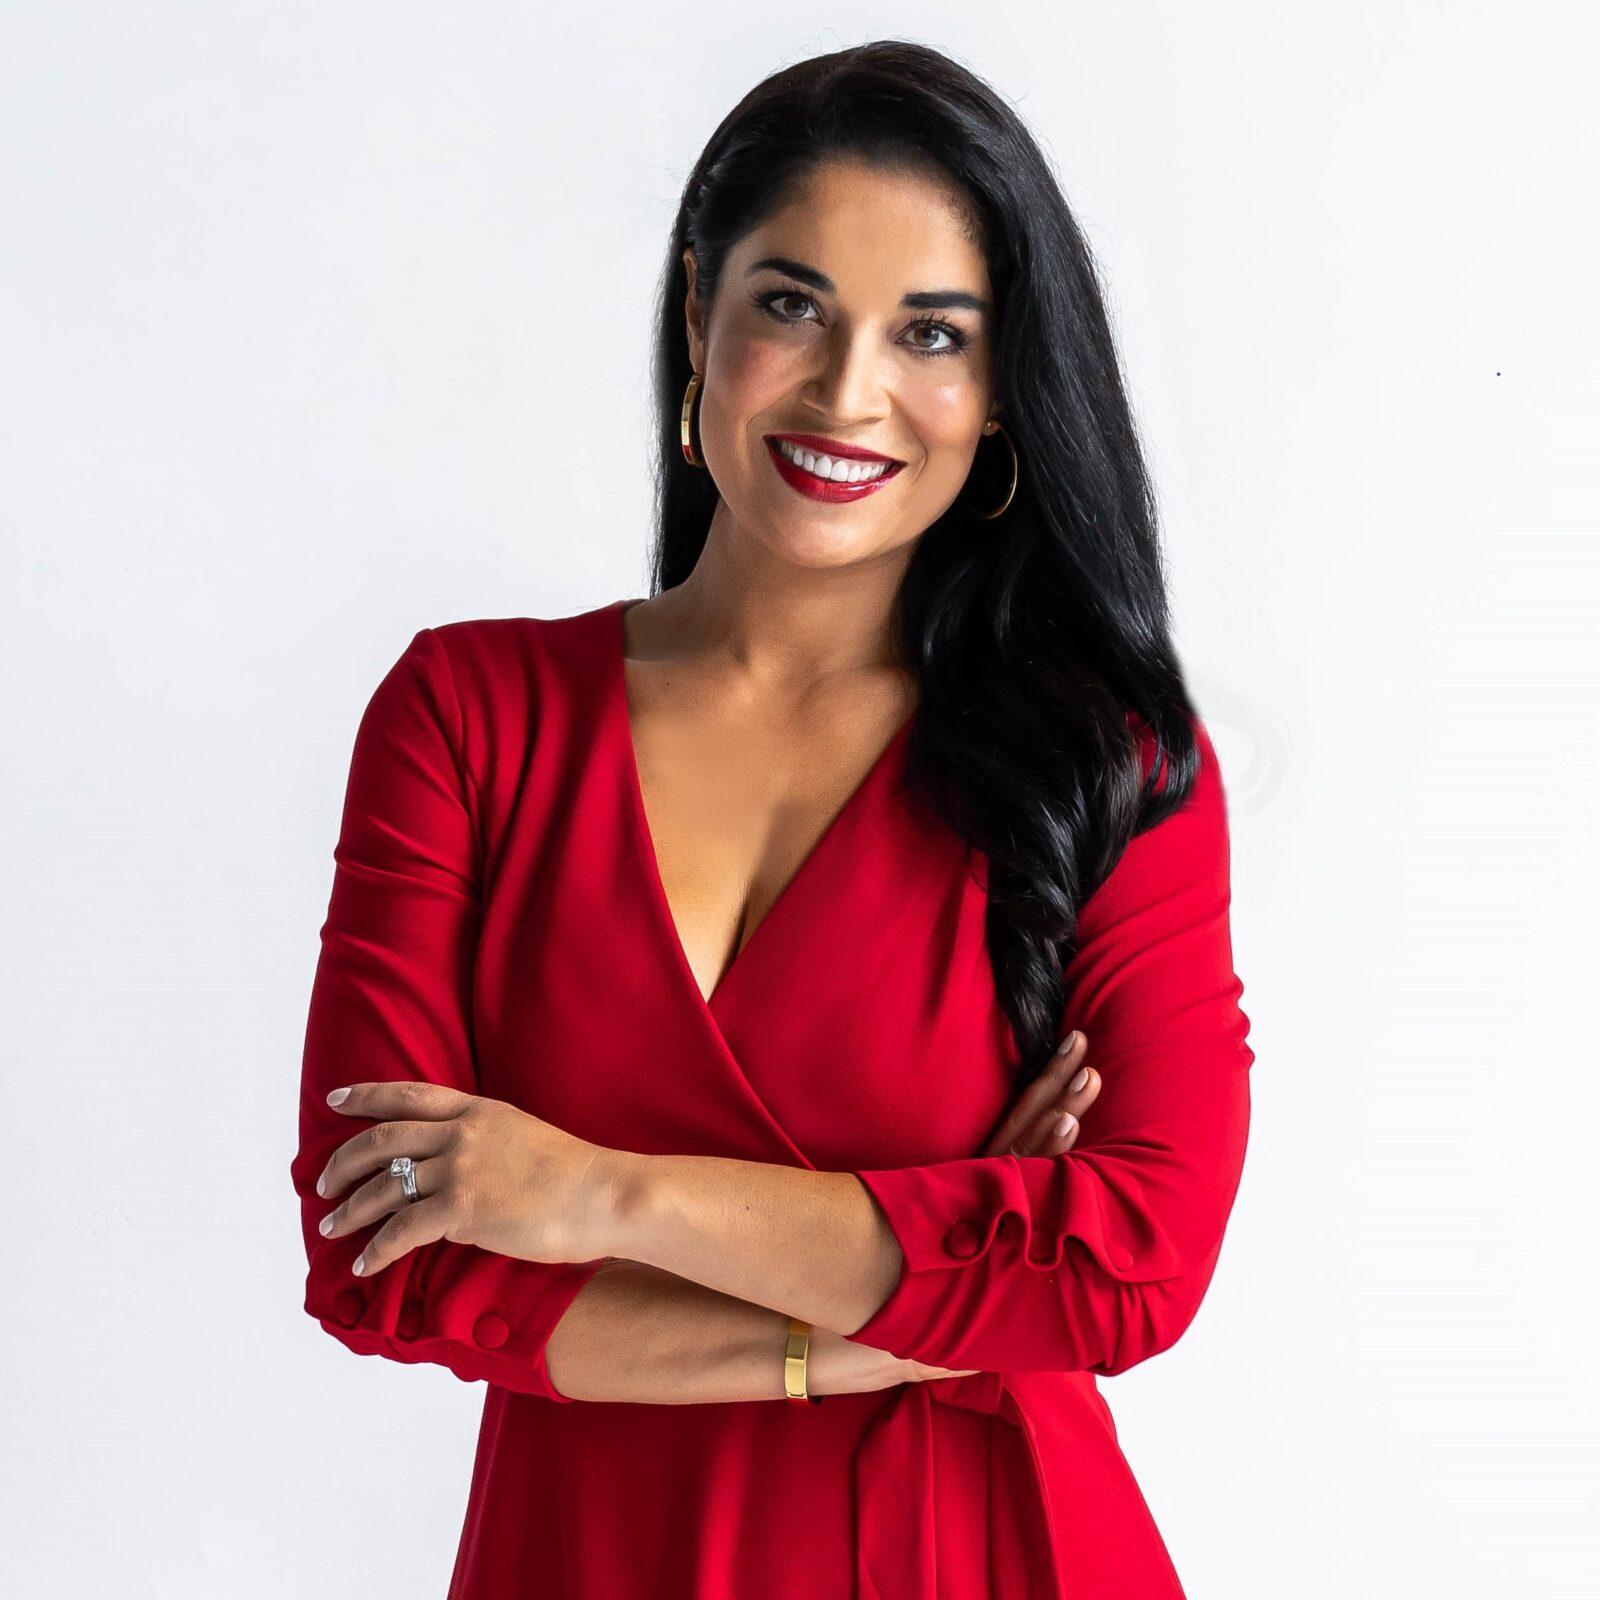 Dr. Viviana Coles